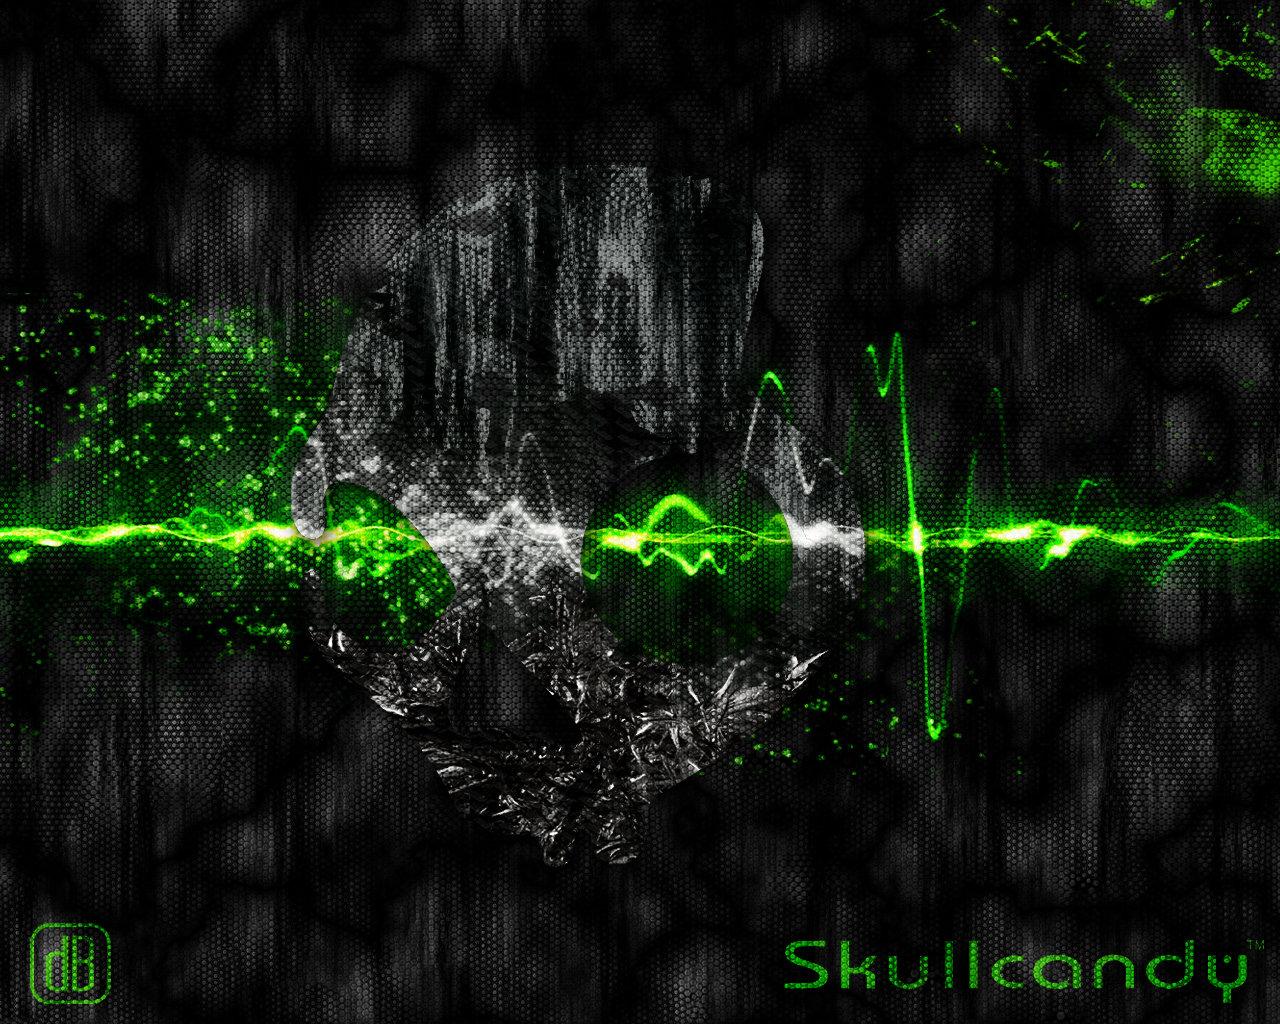 Epic Skullcandy Wallpaper